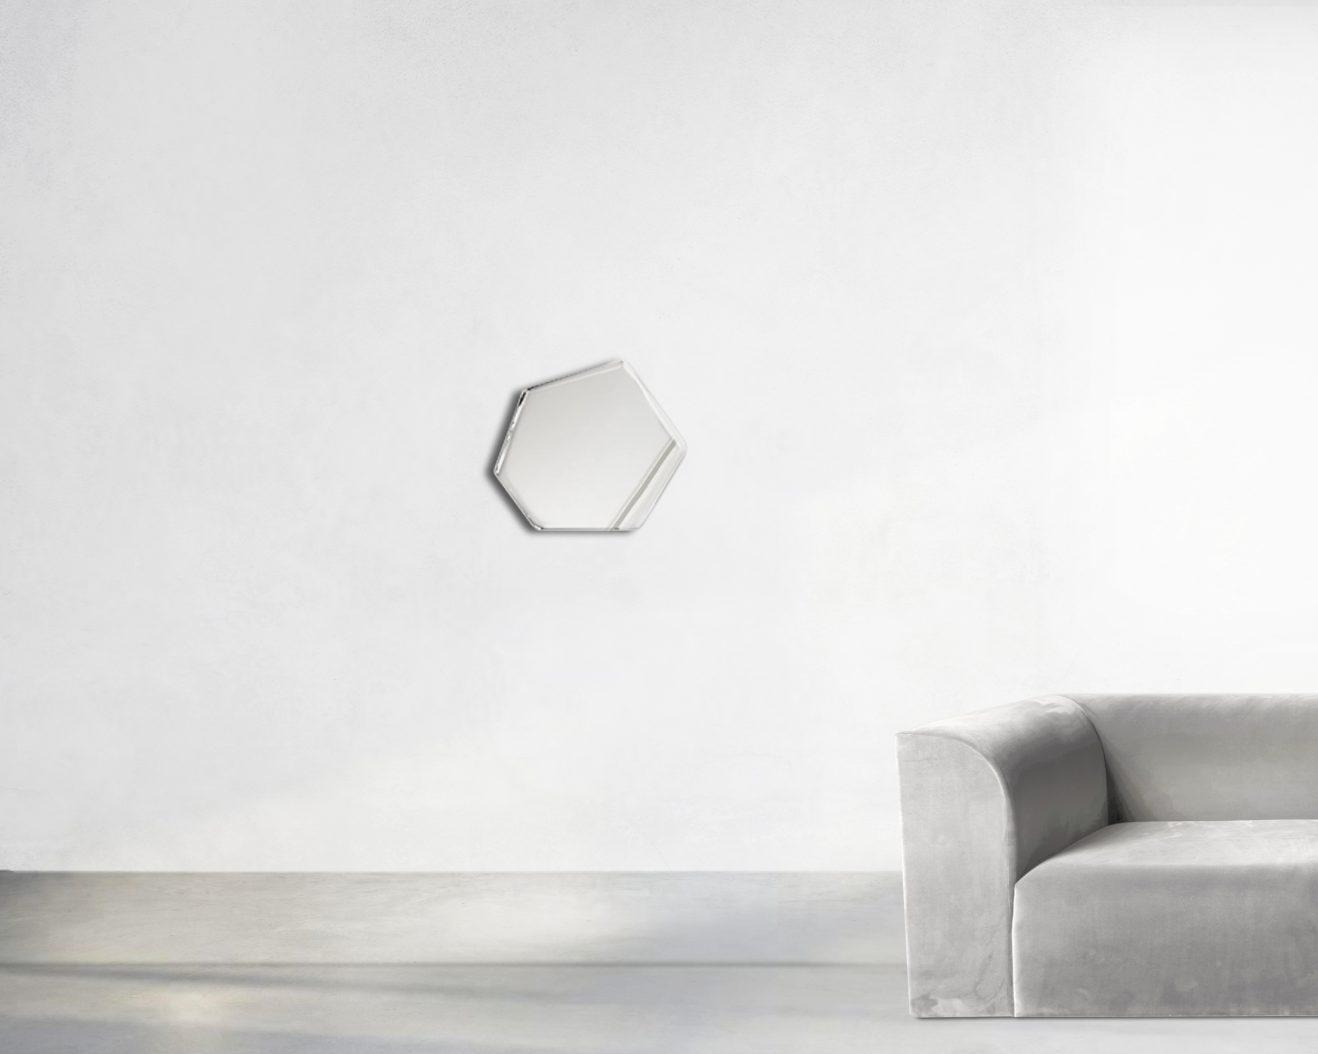 Zieta-C6-Mirror-Savannah-Bay-Gallery